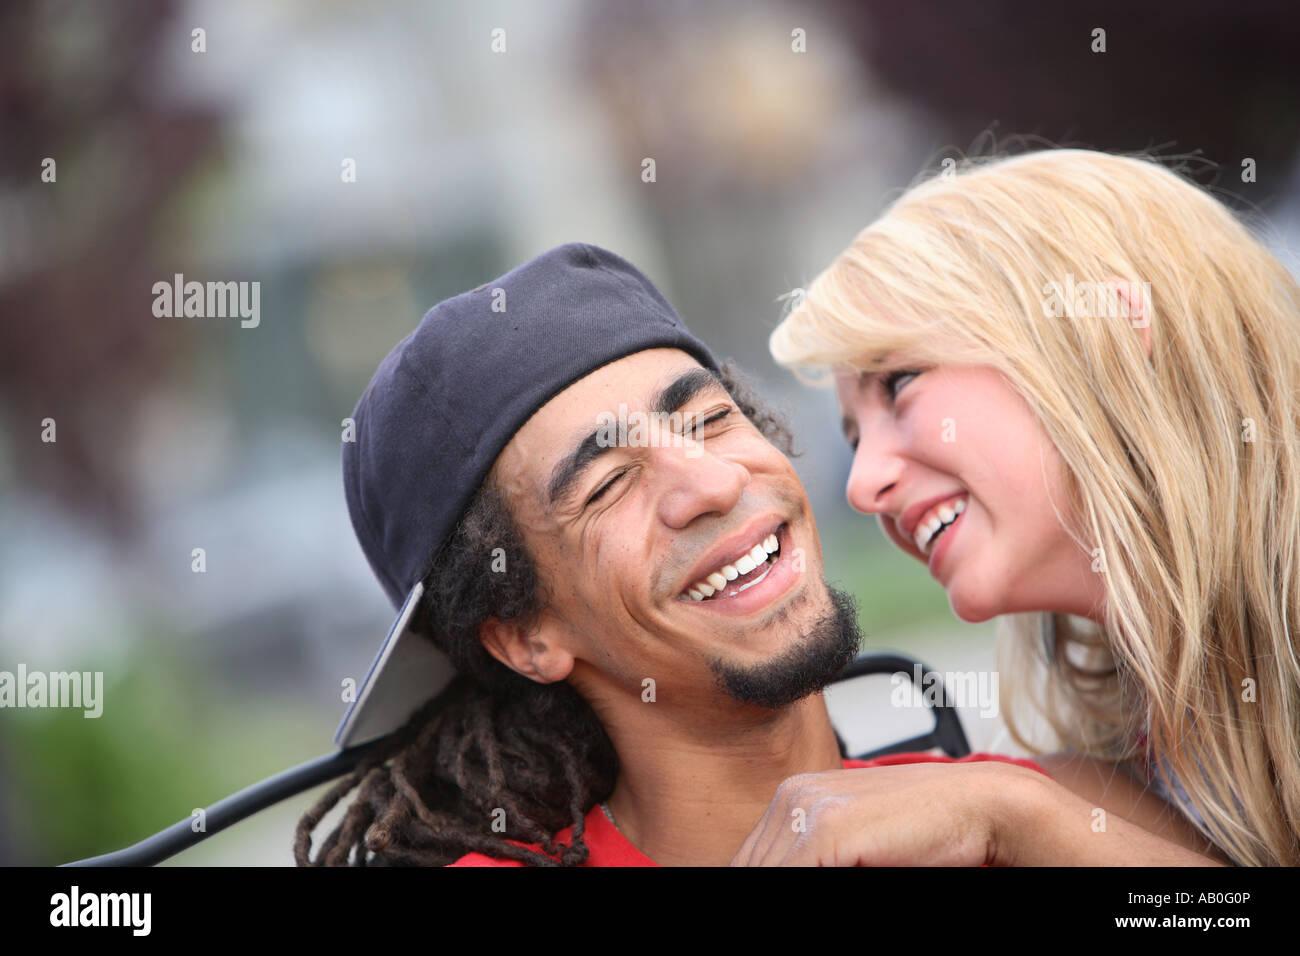 Coppia giovane sorridente insieme Immagini Stock